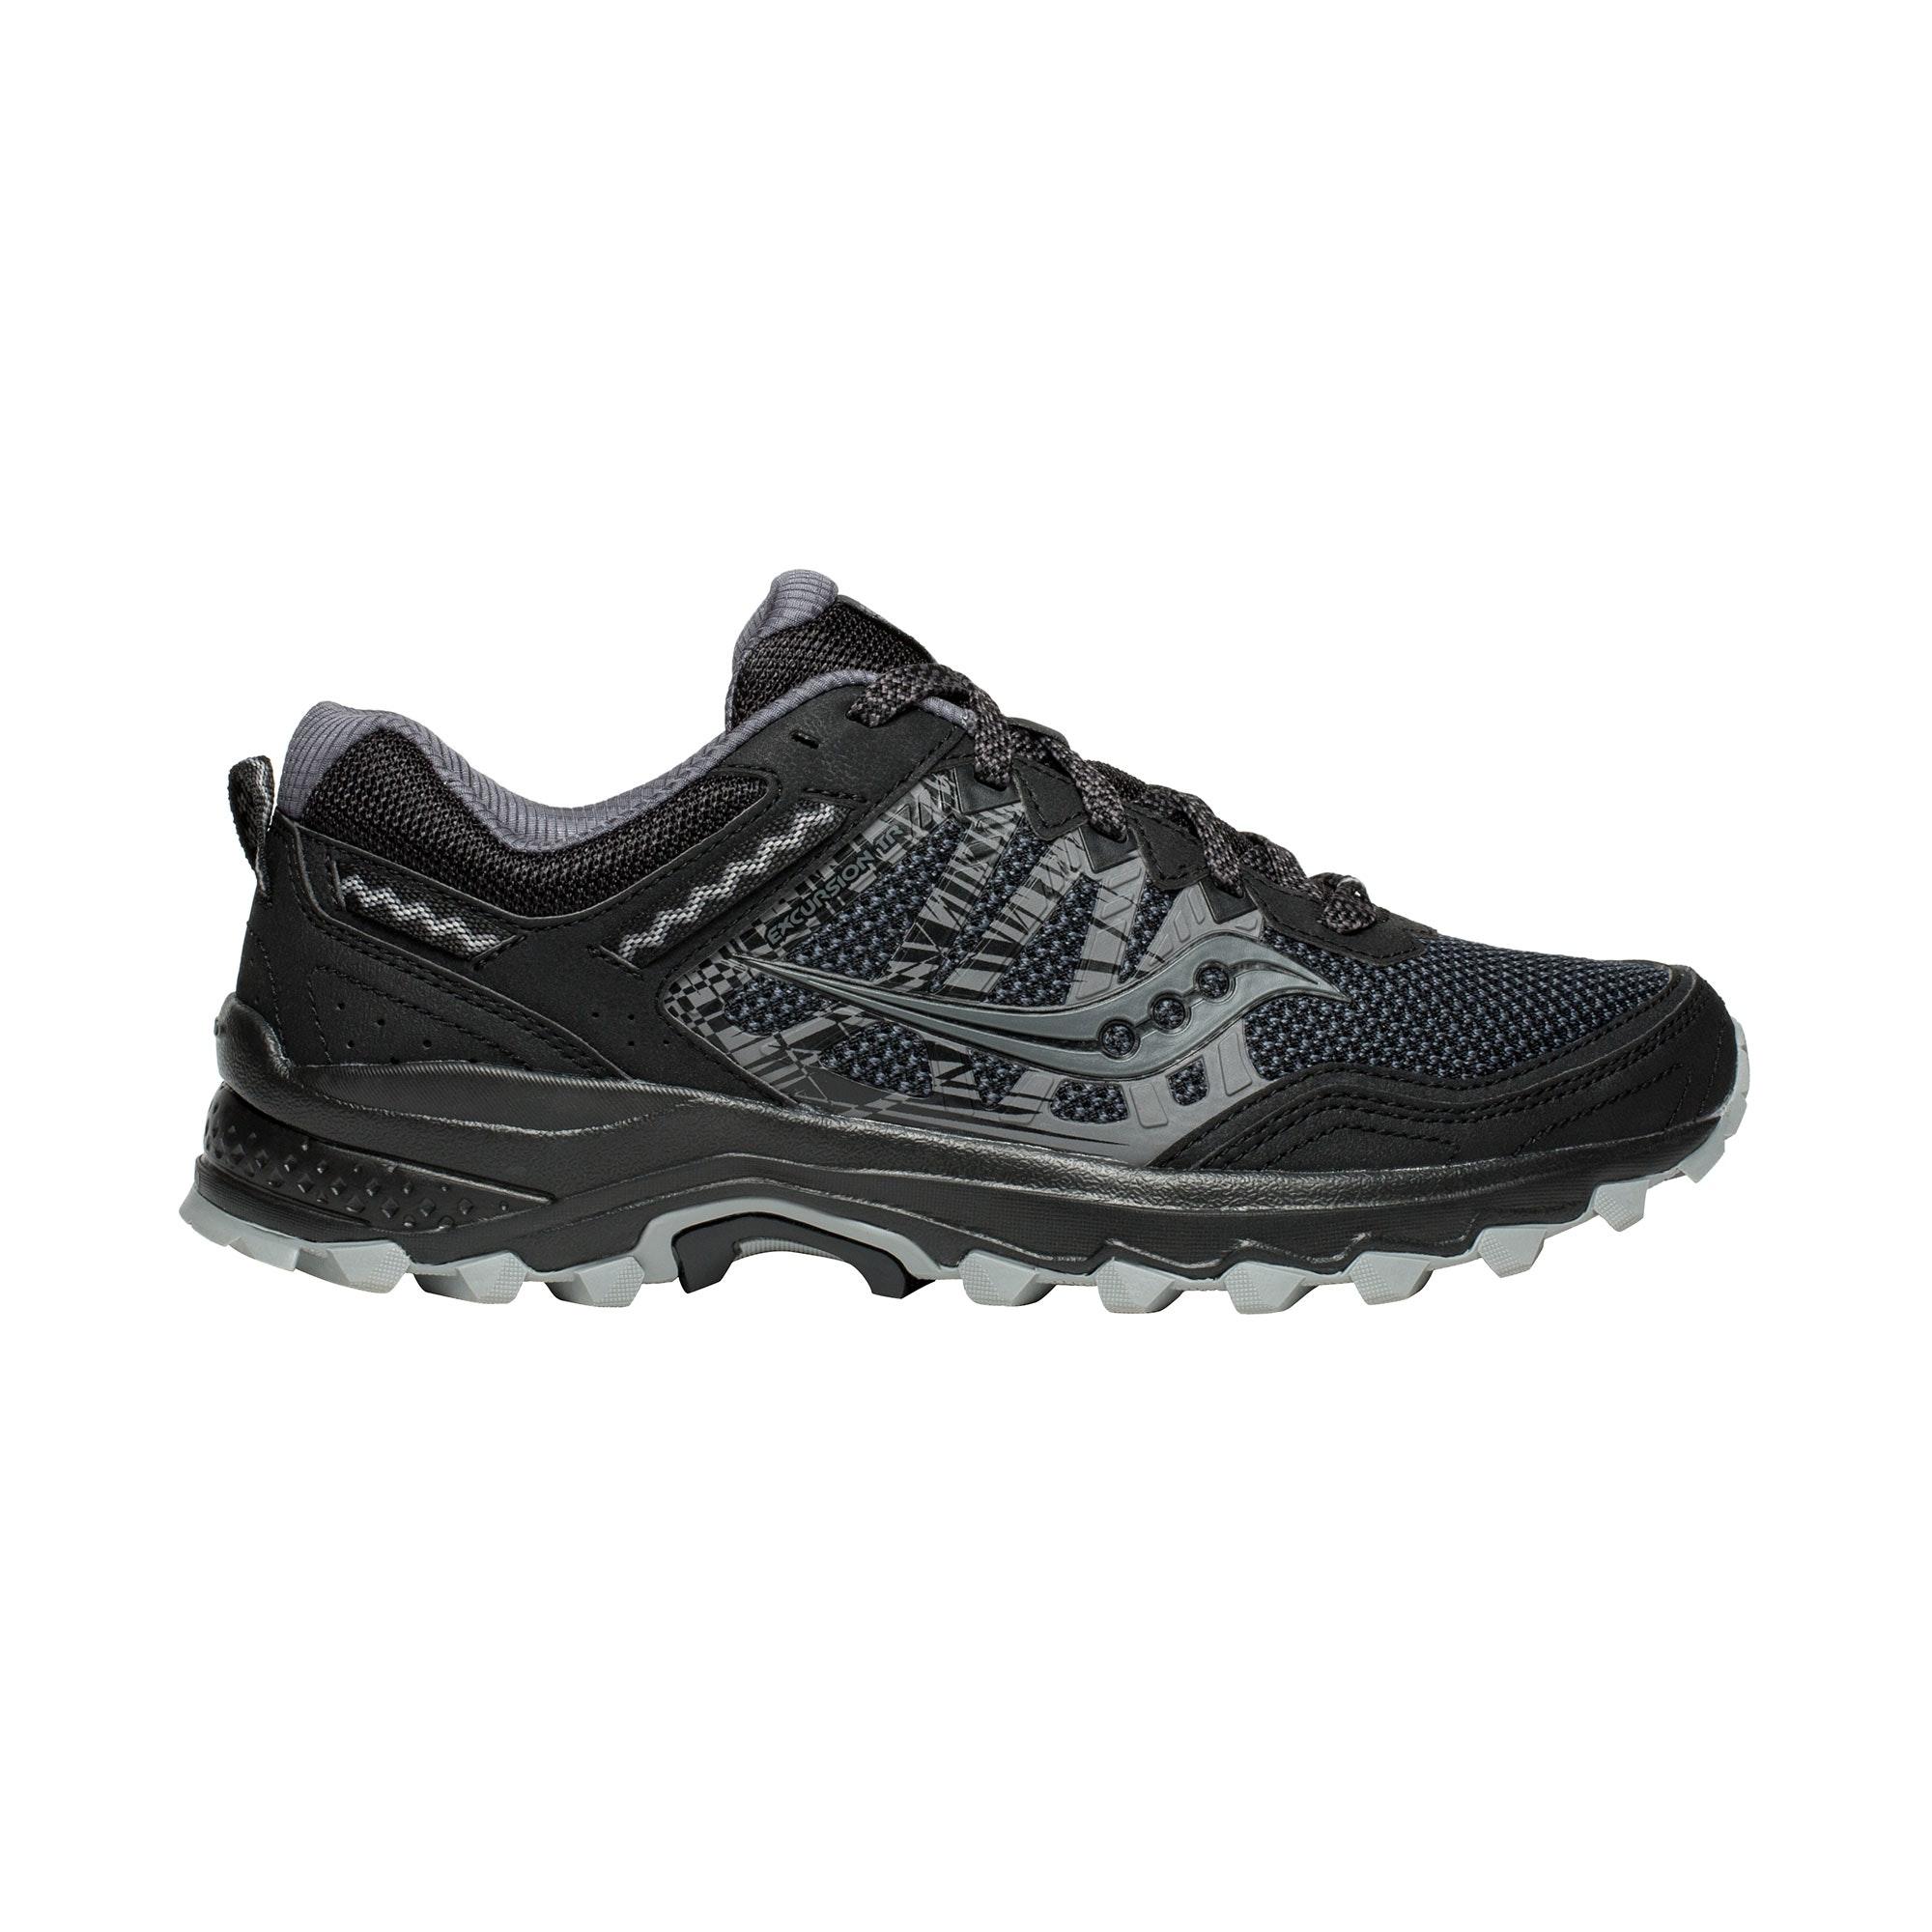 7195ca79c75 Saucony Excursion TR12 Men's Shoes